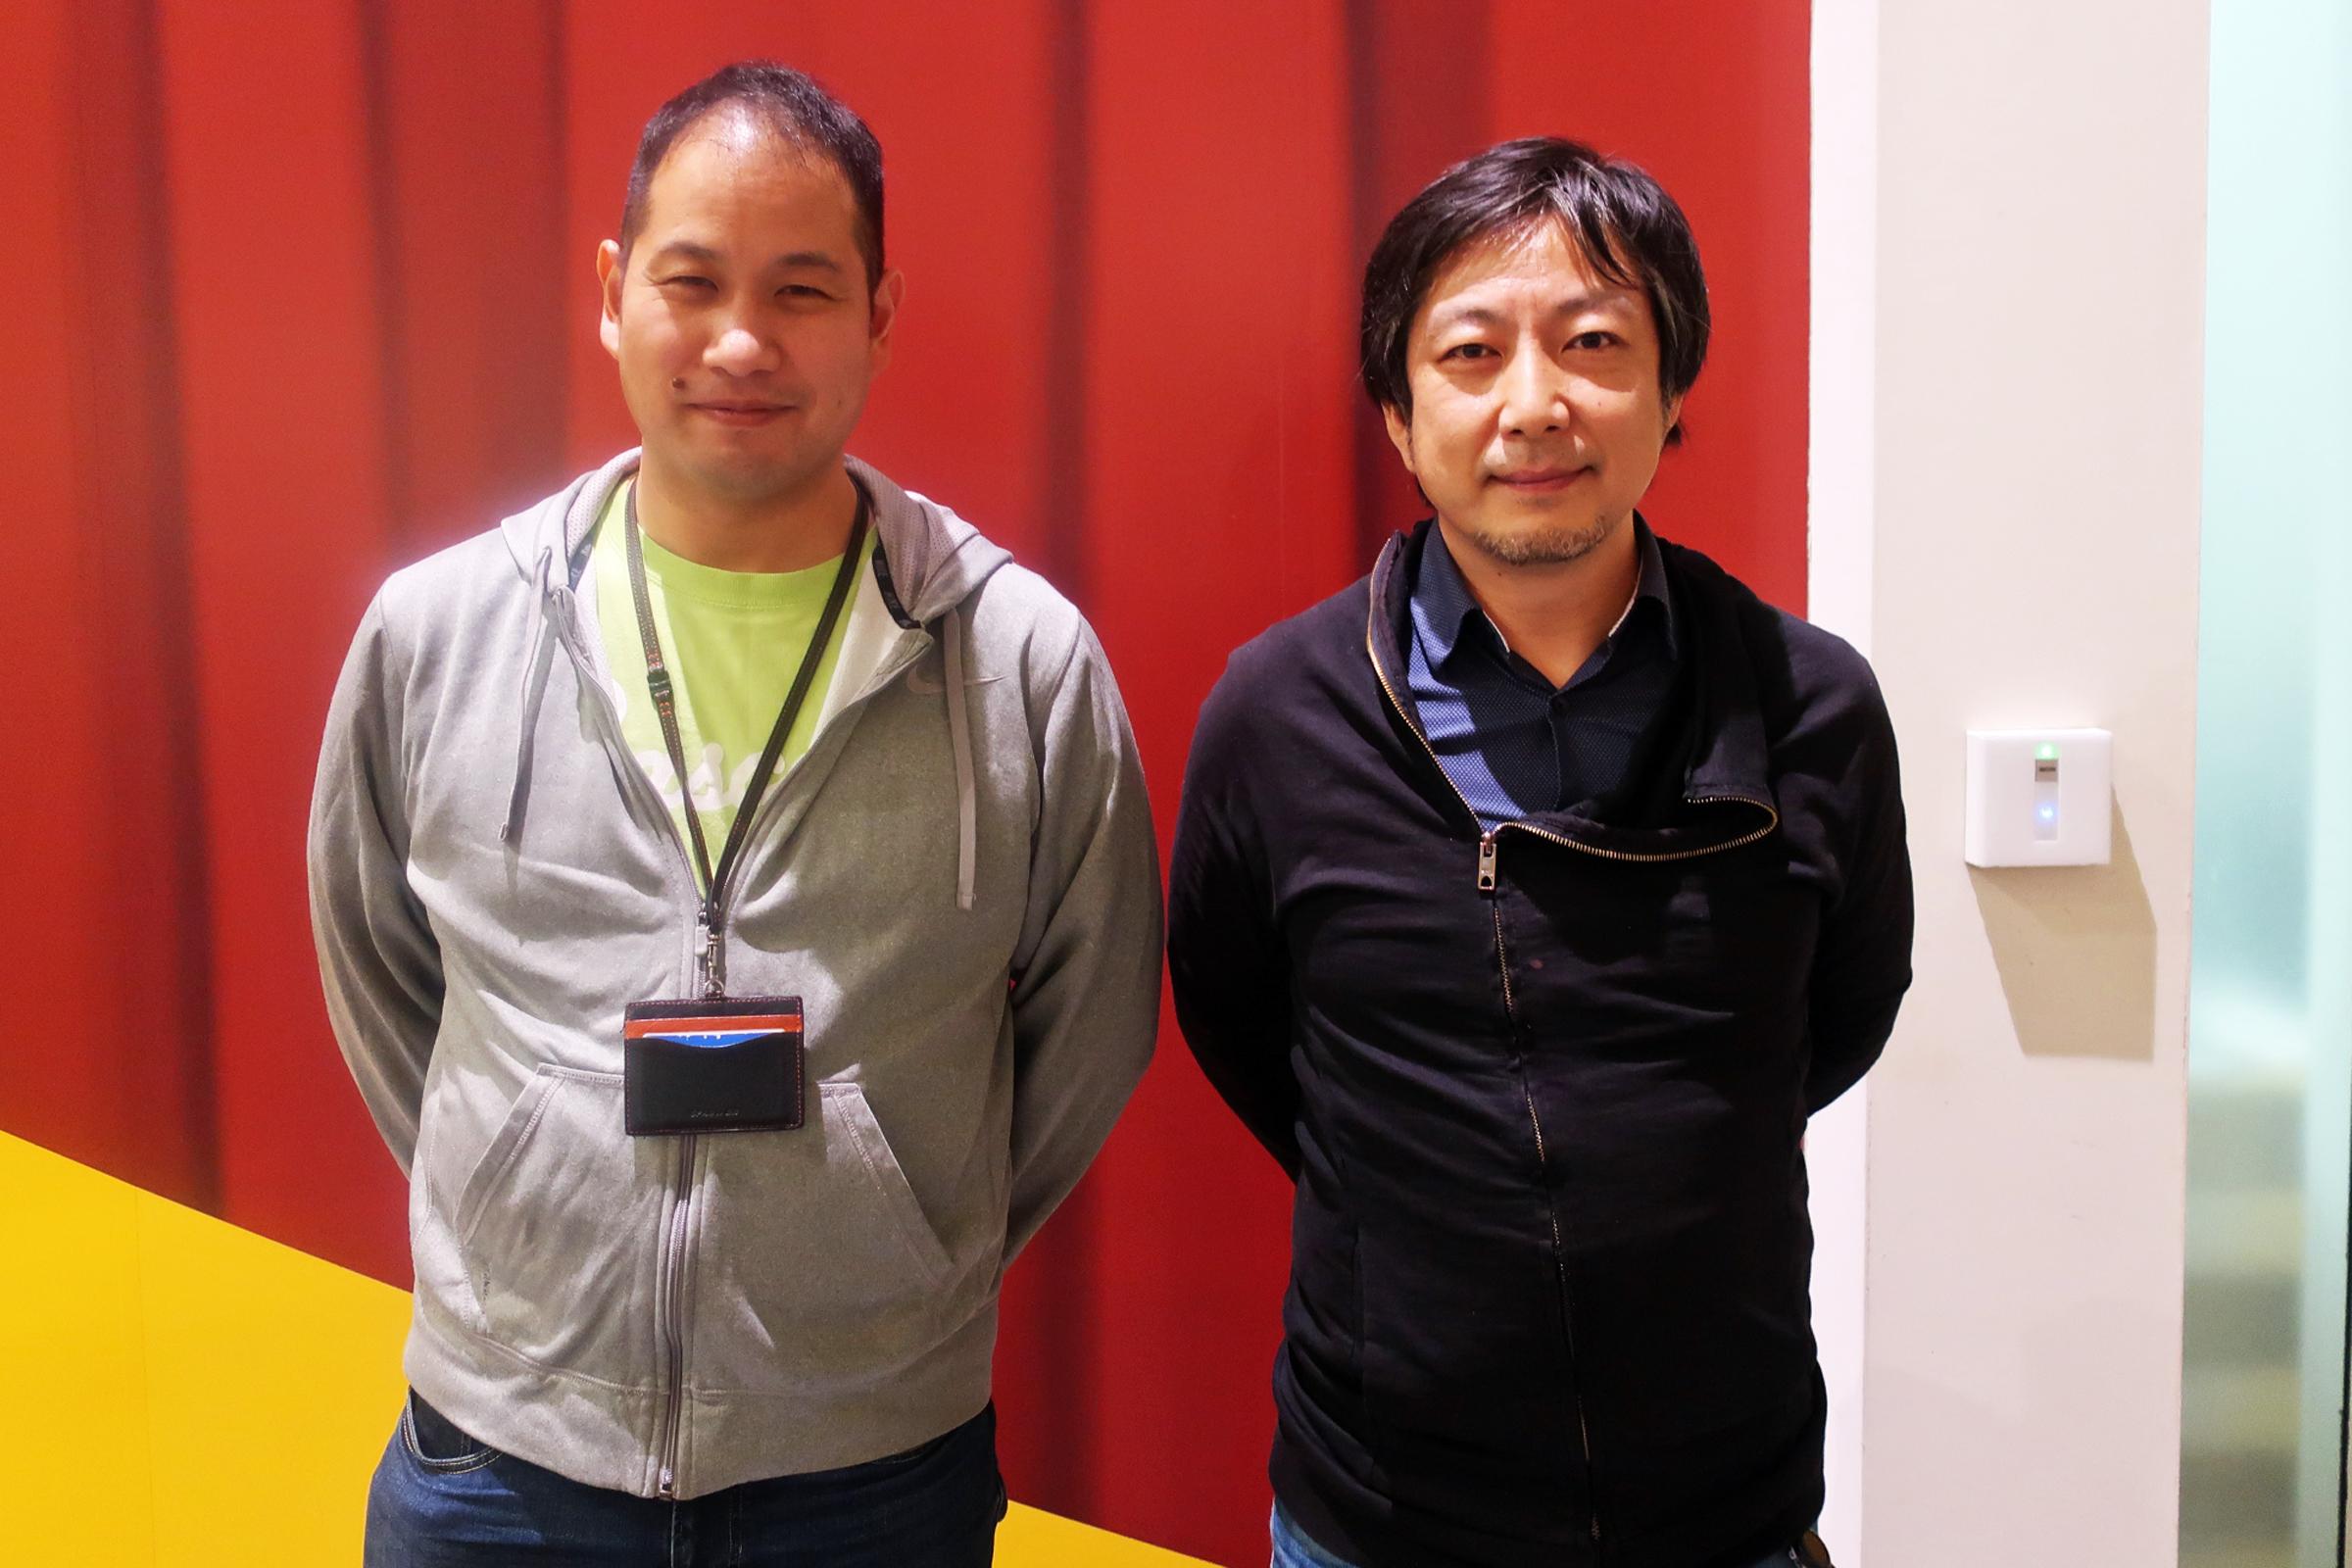 バスキュール の中山誠基テクニカルプロデューサー(左)とデジタルガレージの 藤村憲之UX:クリエイティブエンジニア(AR:VR)